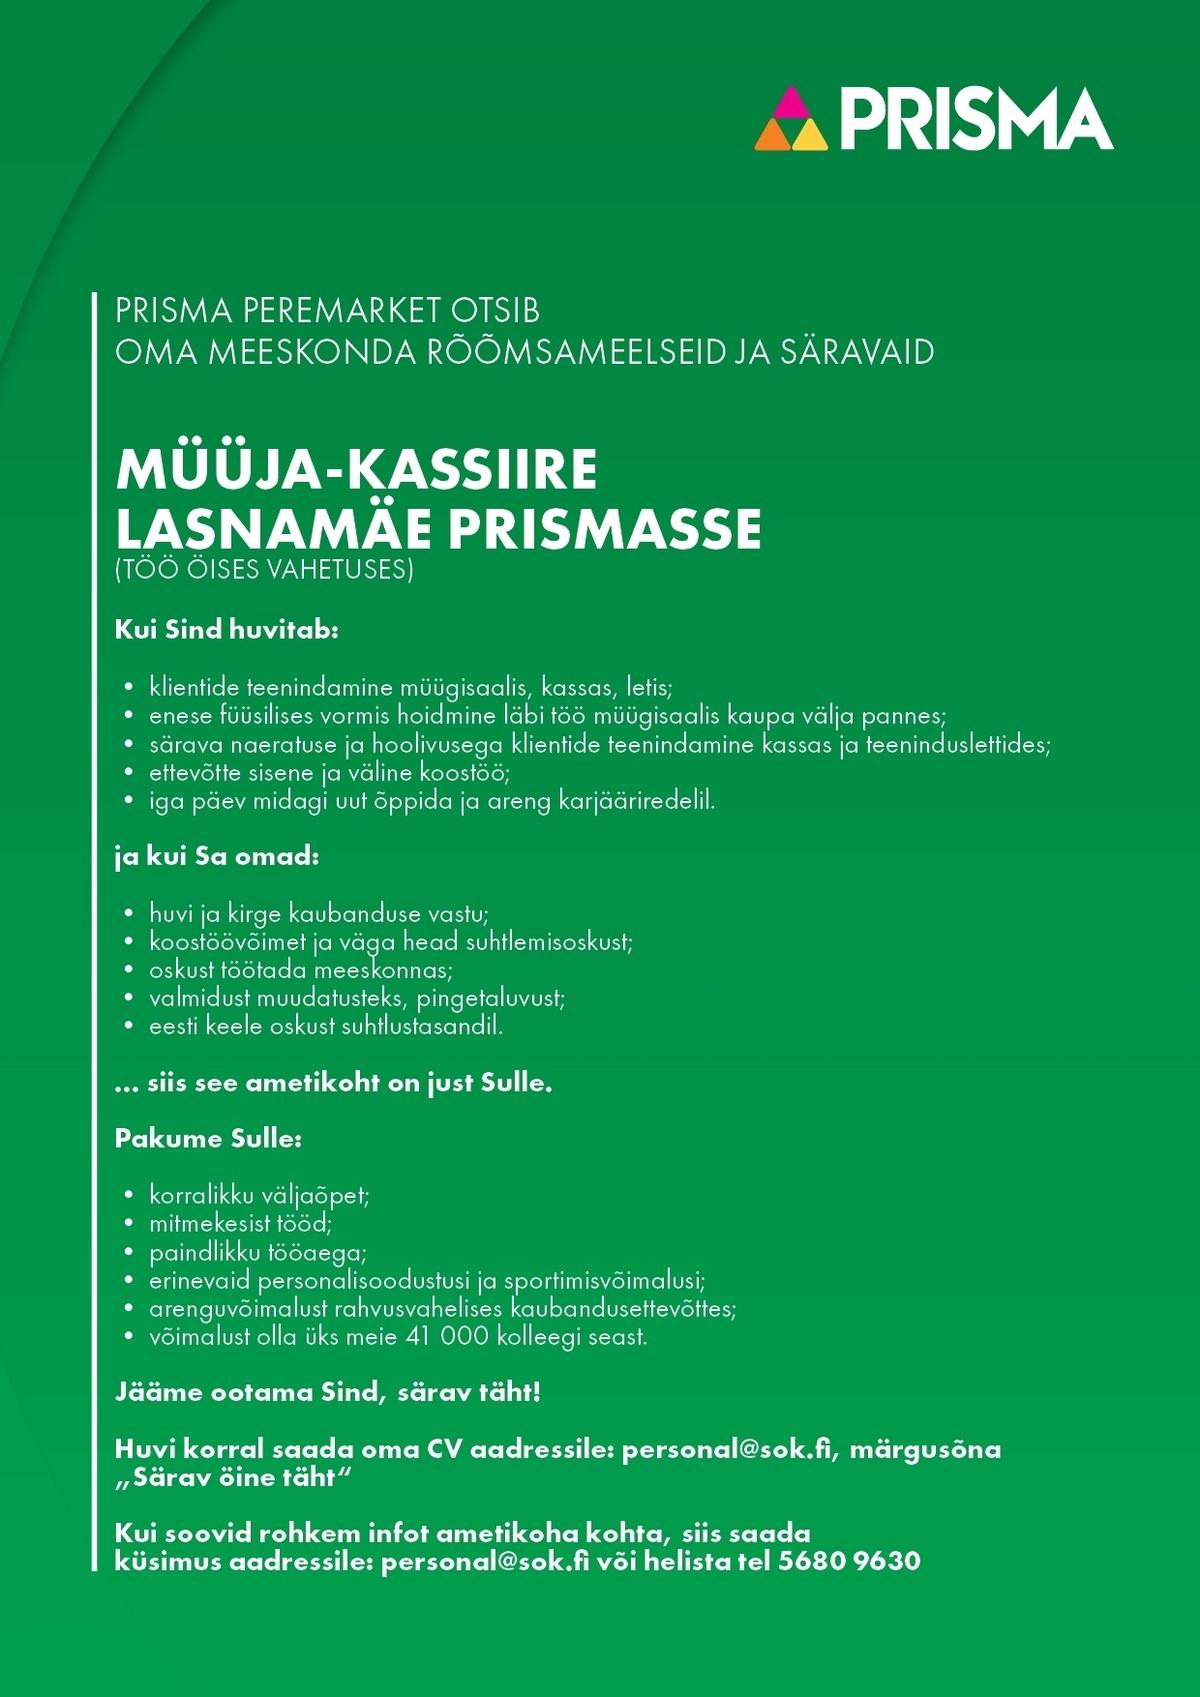 3511f4906b5 CV Keskus tööpakkumine Müüja-kassiir öises vahetuses Lasnamäe Prisma